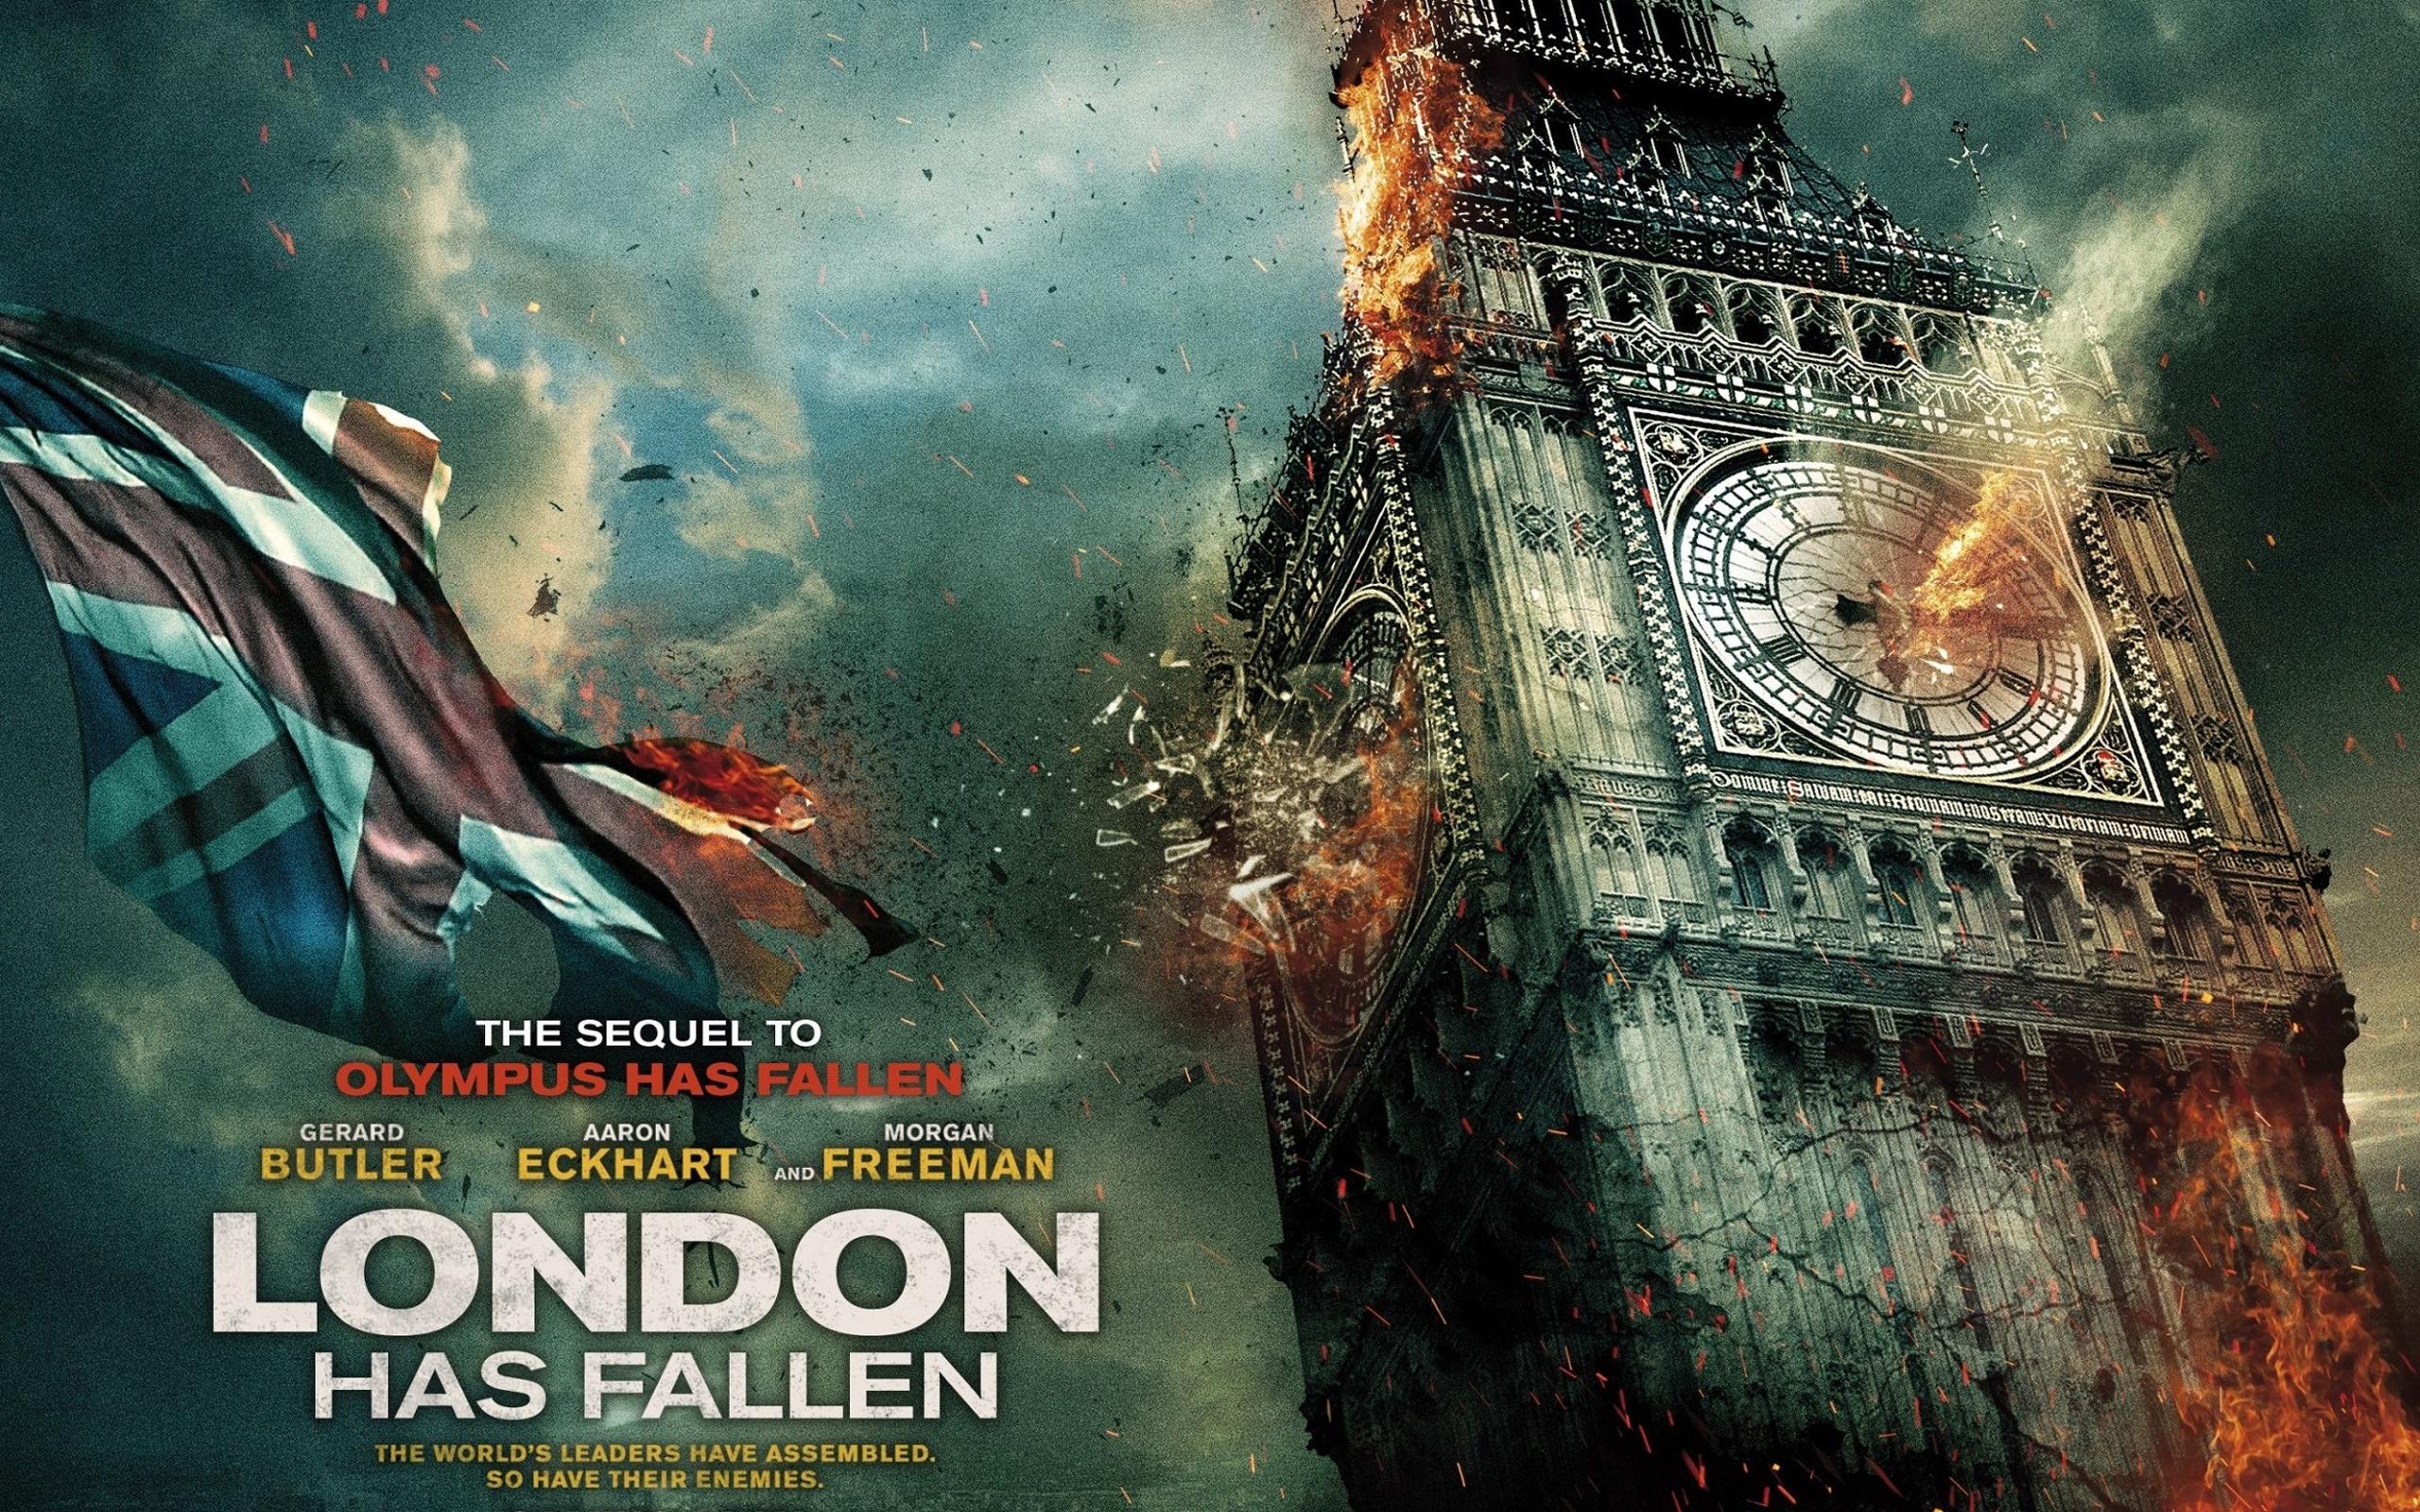 London Has Fallen 2015 Movie Wallpapers HD Wallpapers 2560x1600